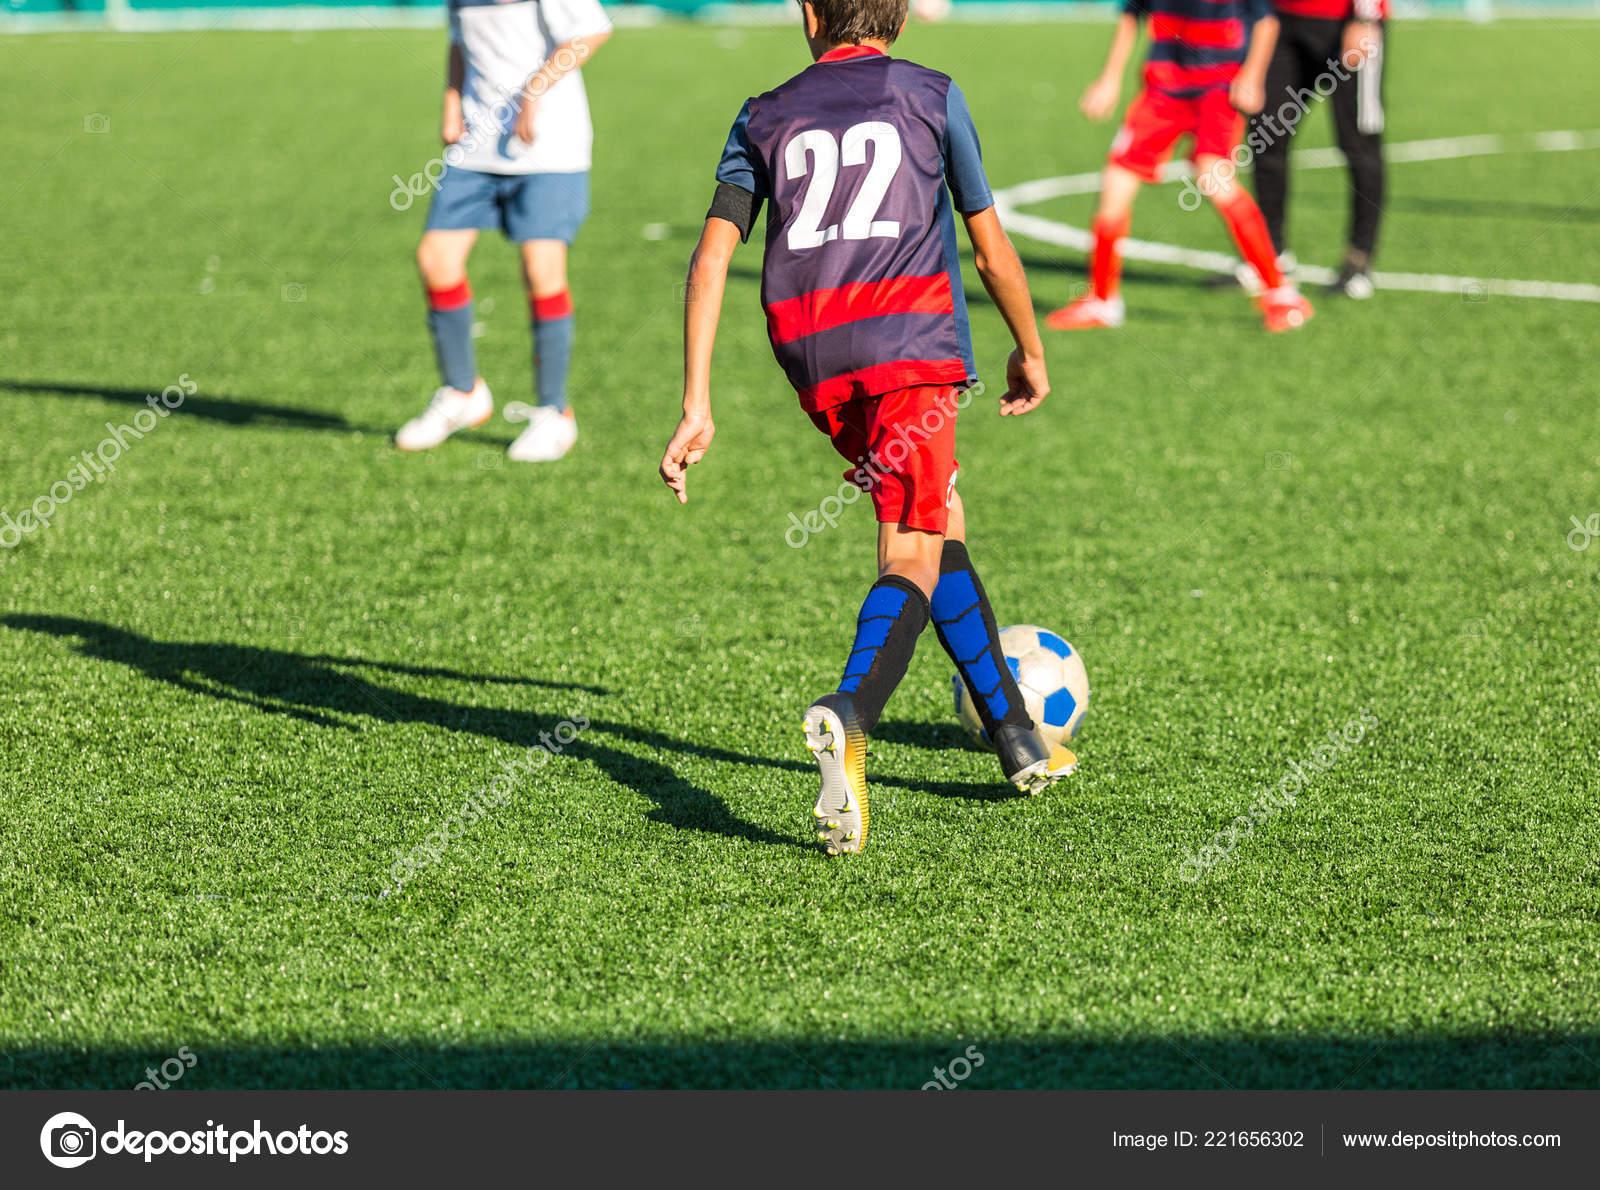 acheter pas cher 835c2 495b4 Match Football Junior Match Garçons Dans Des Vêtements Sport ...